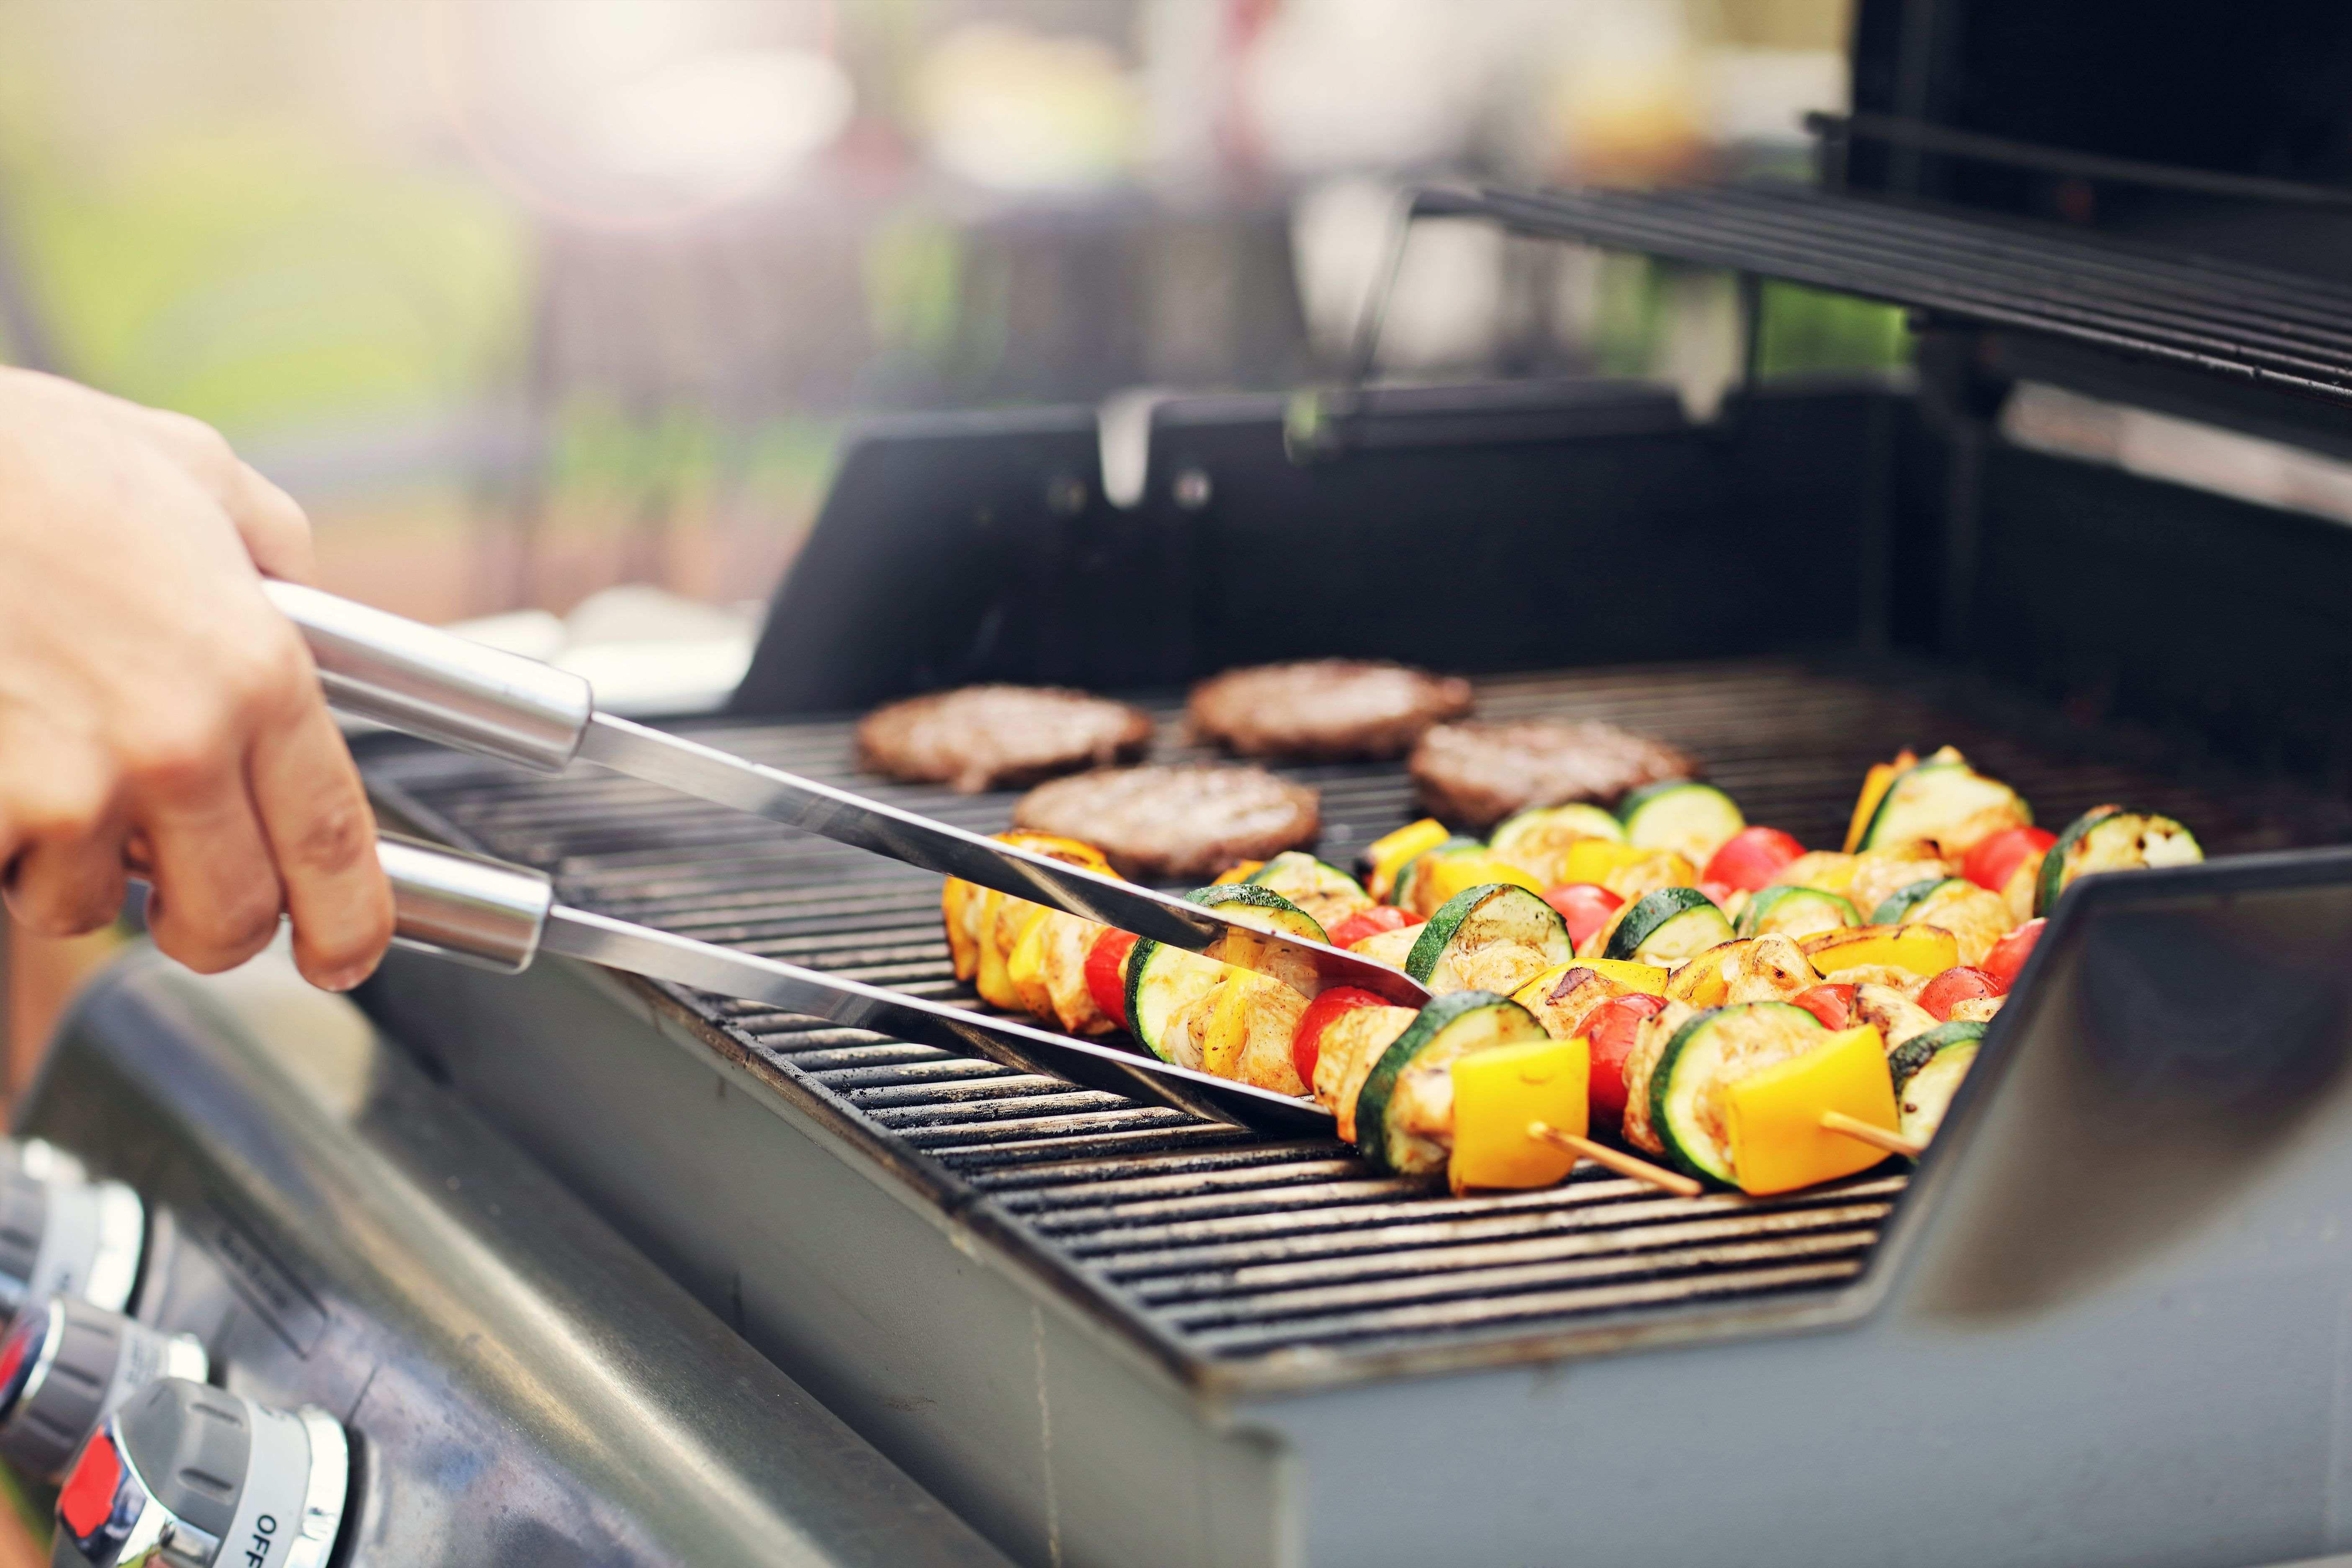 Barbecue o piastra: cosa scegliere per il piacere della cucina all'aperto